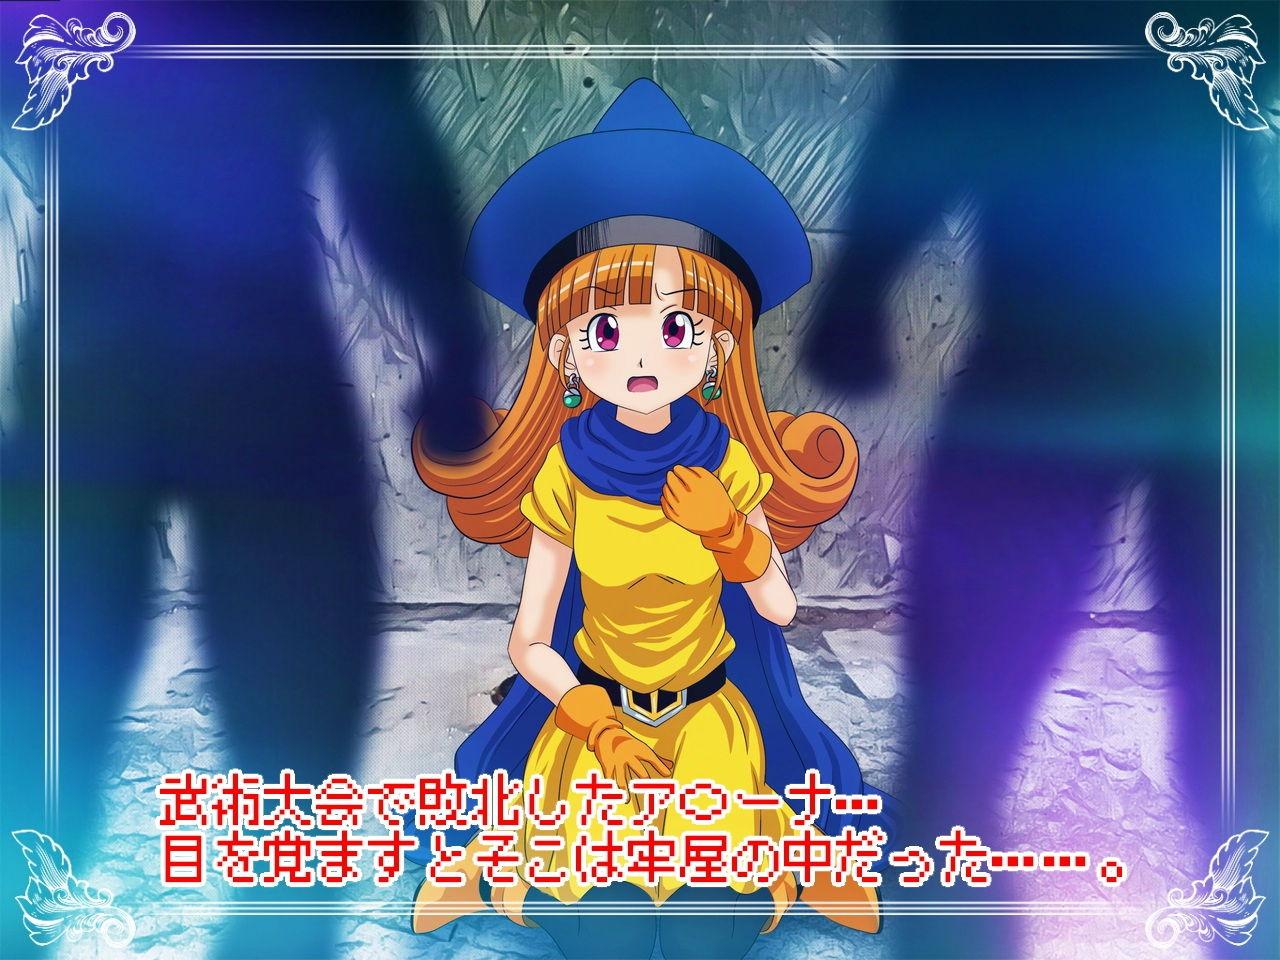 【アリーナ 同人】敗北のおてんば姫